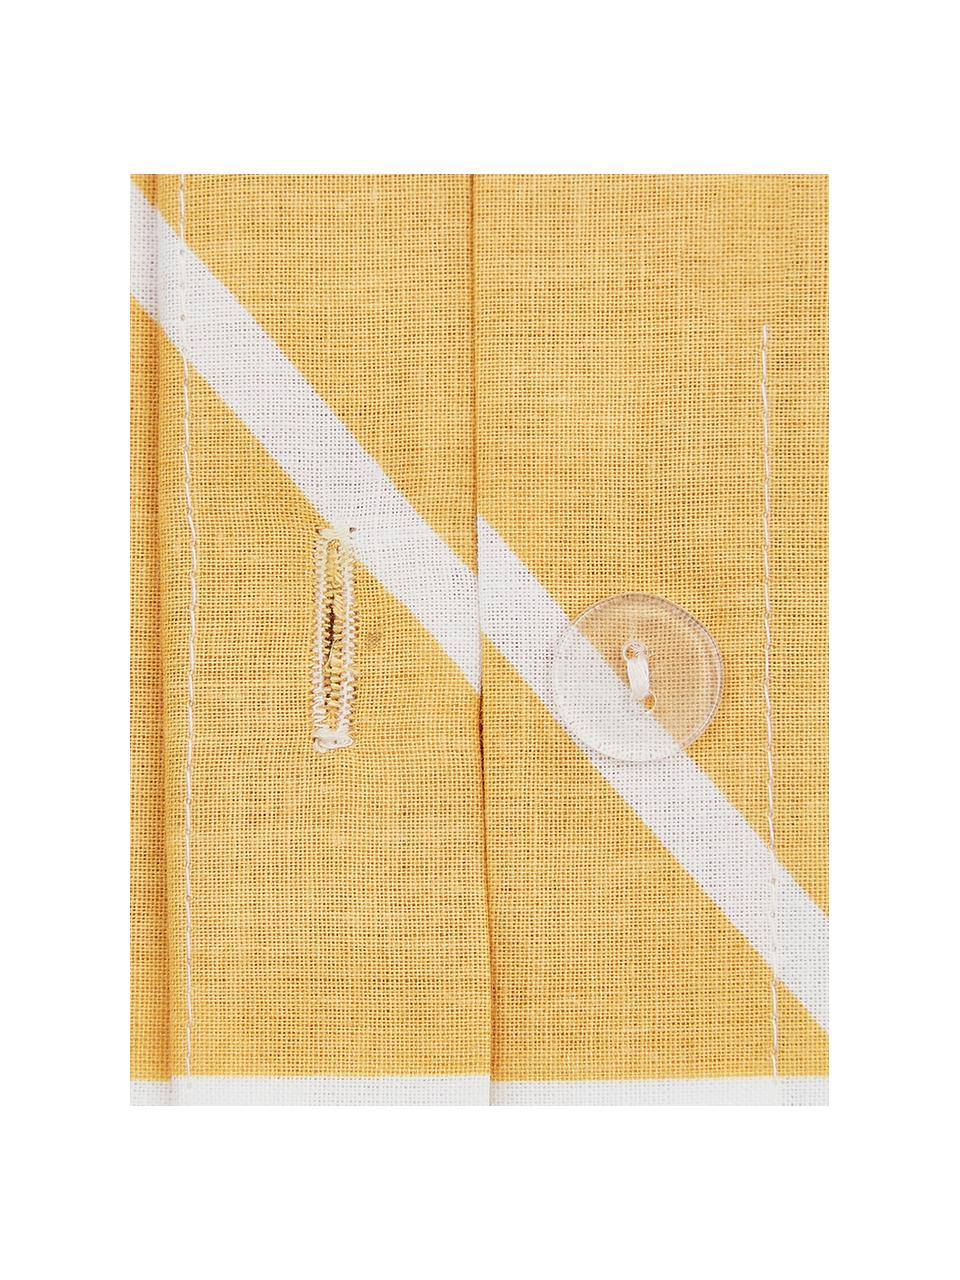 Baumwoll-Kopfkissenbezüge Mirja mit grafischem Muster, 2 Stück, Webart: Renforcé Fadendichte 144 , Senfgelb, Cremeweiß, 40 x 80 cm